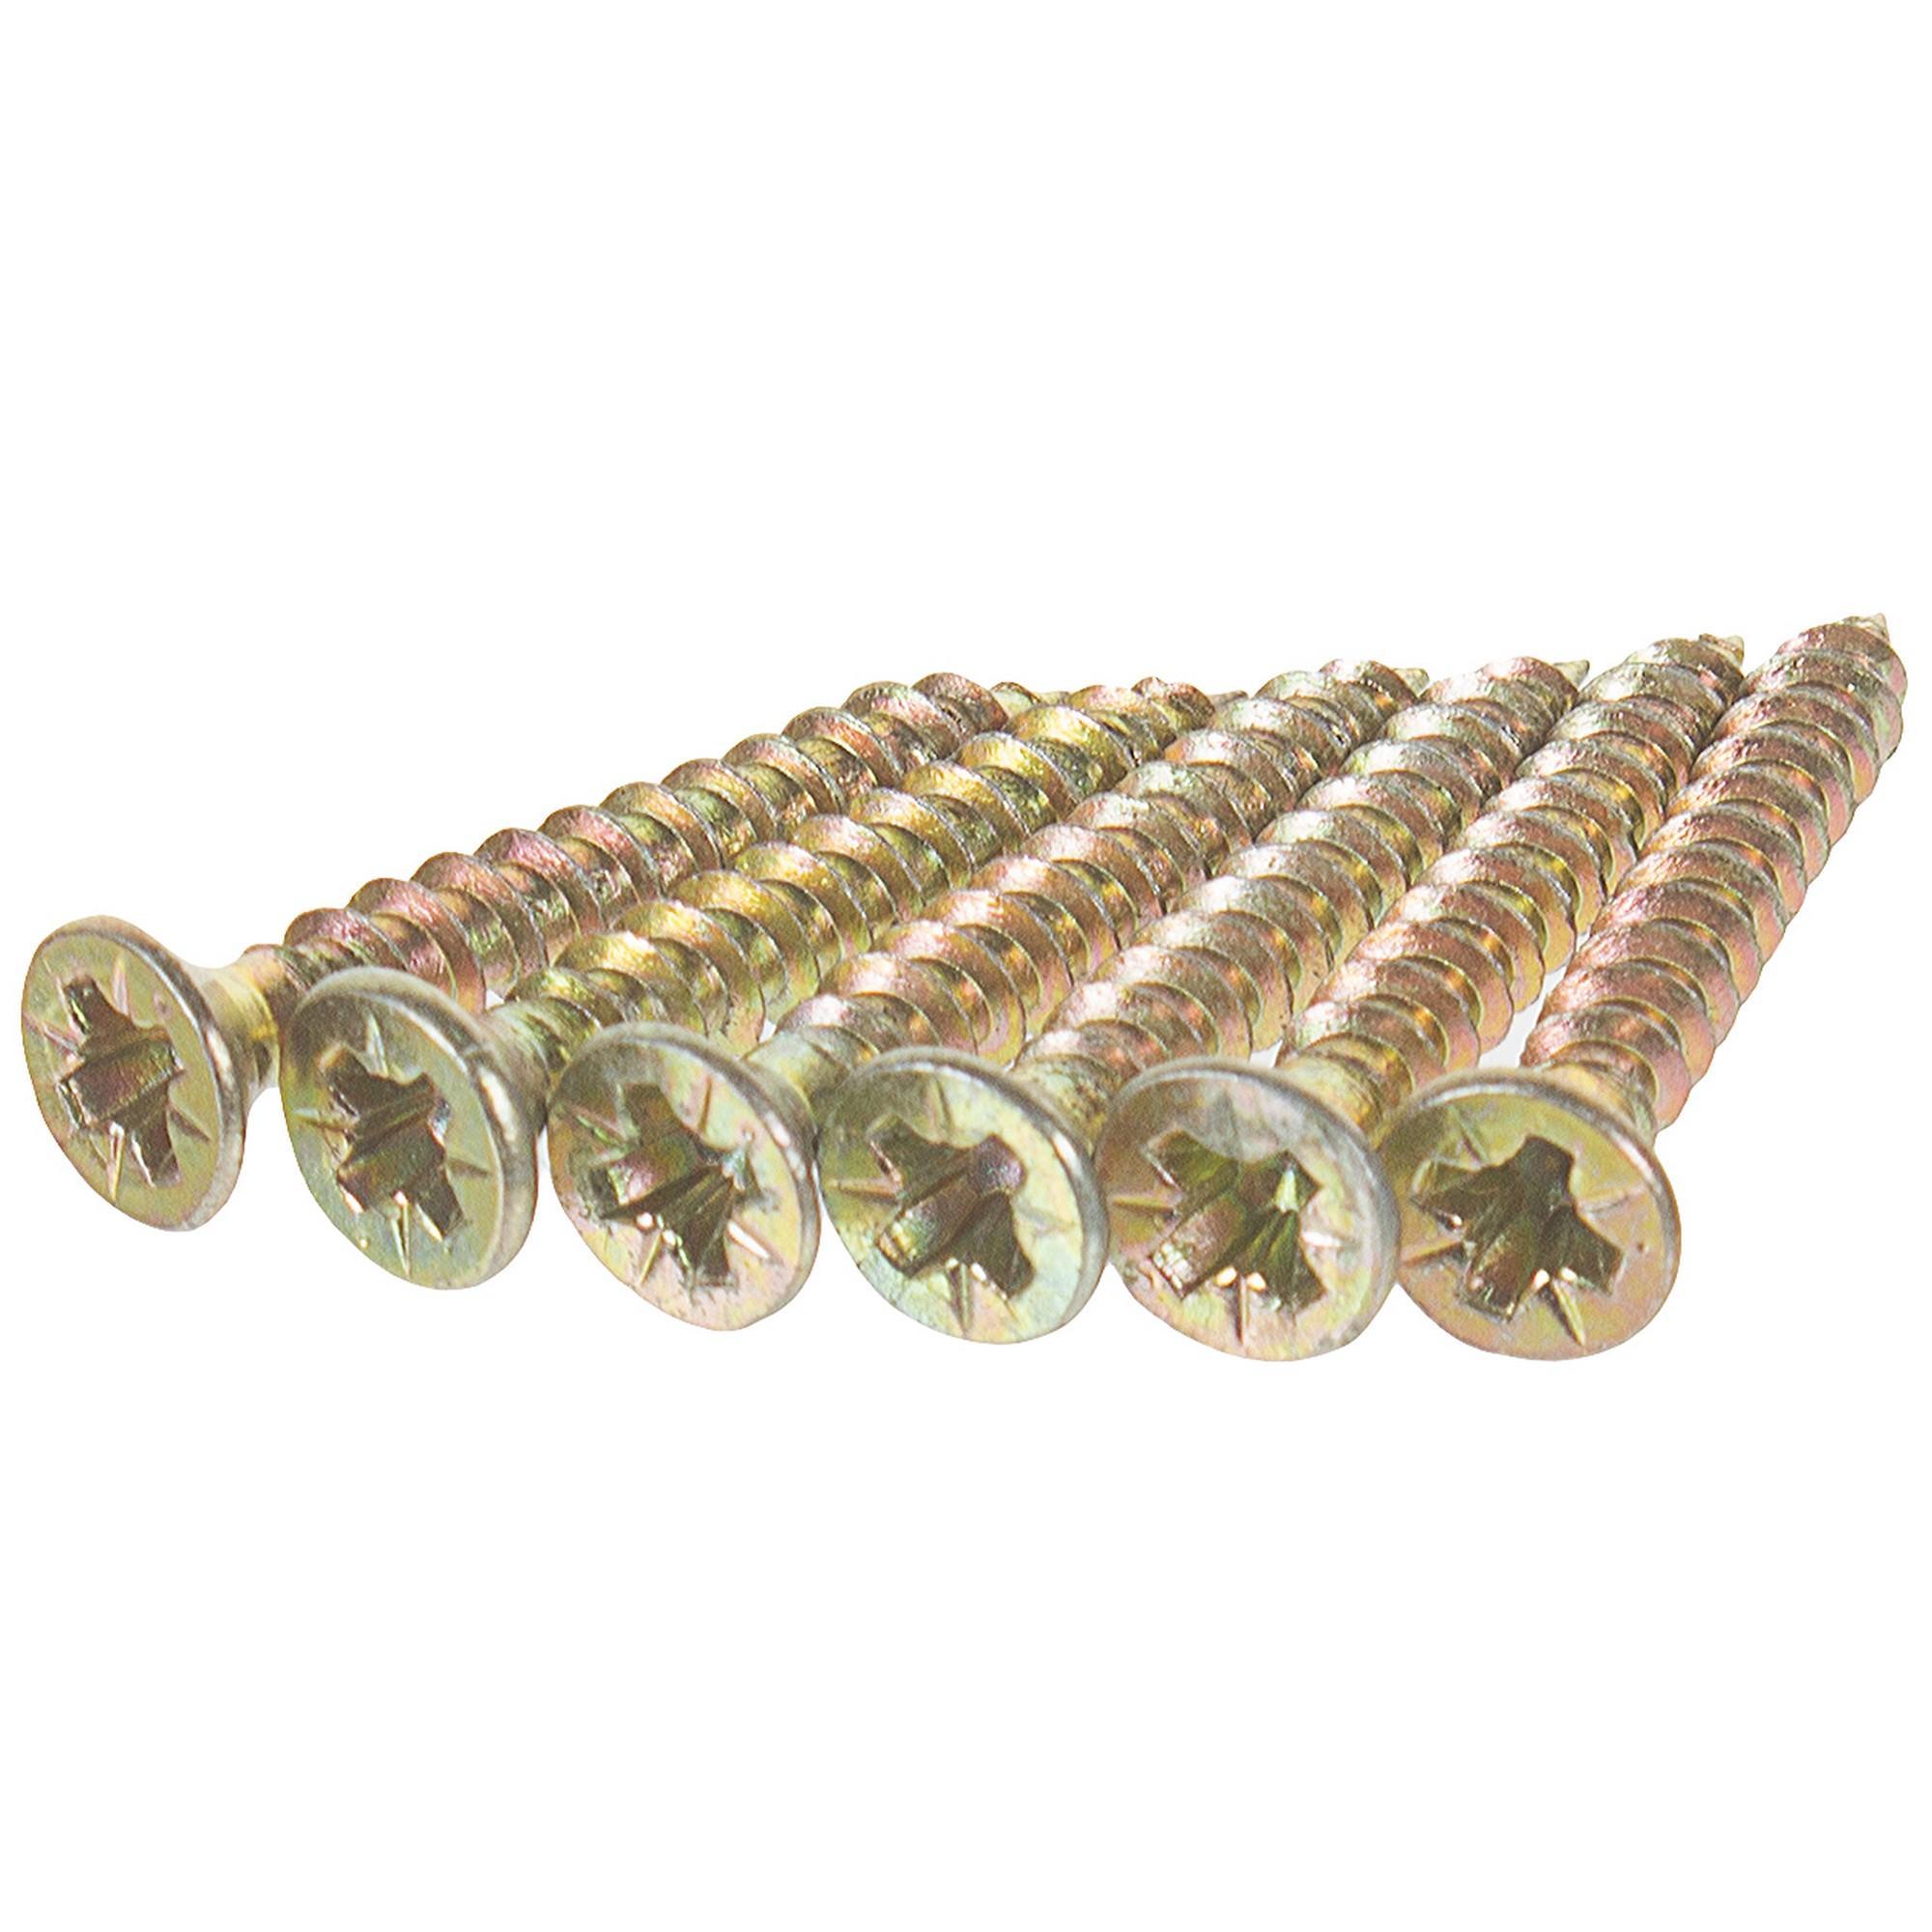 Задвижка механическая Amig Модель 388-40, 40х56 мм, сталь, цвет бронза